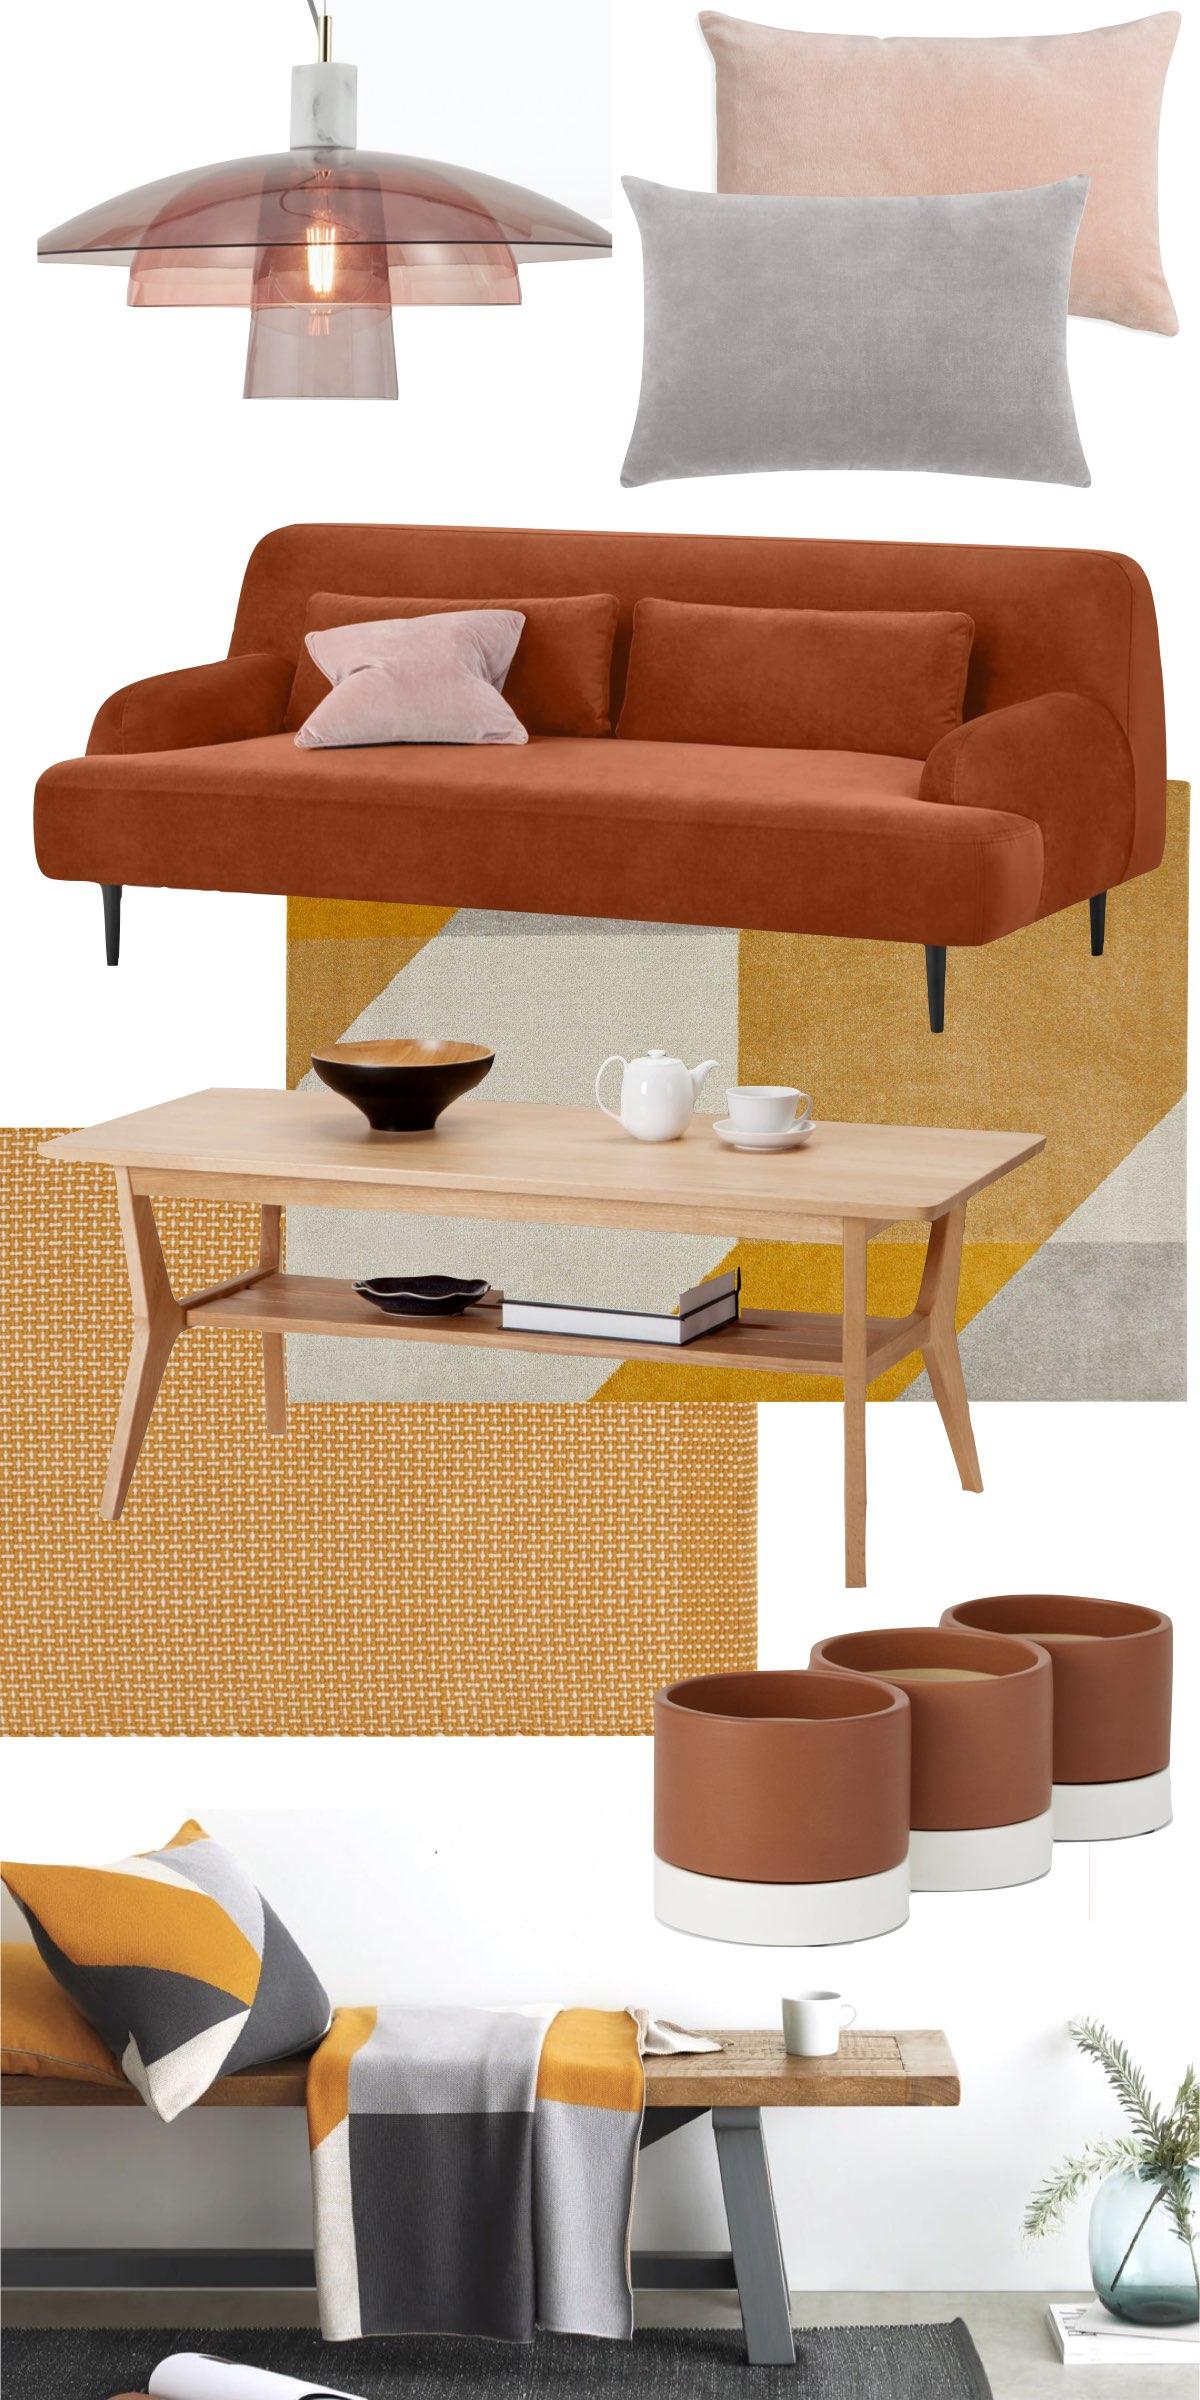 tendance déco 2021 couleur ocre salon design - blog décoratrice d'intérieur - clem around the corner